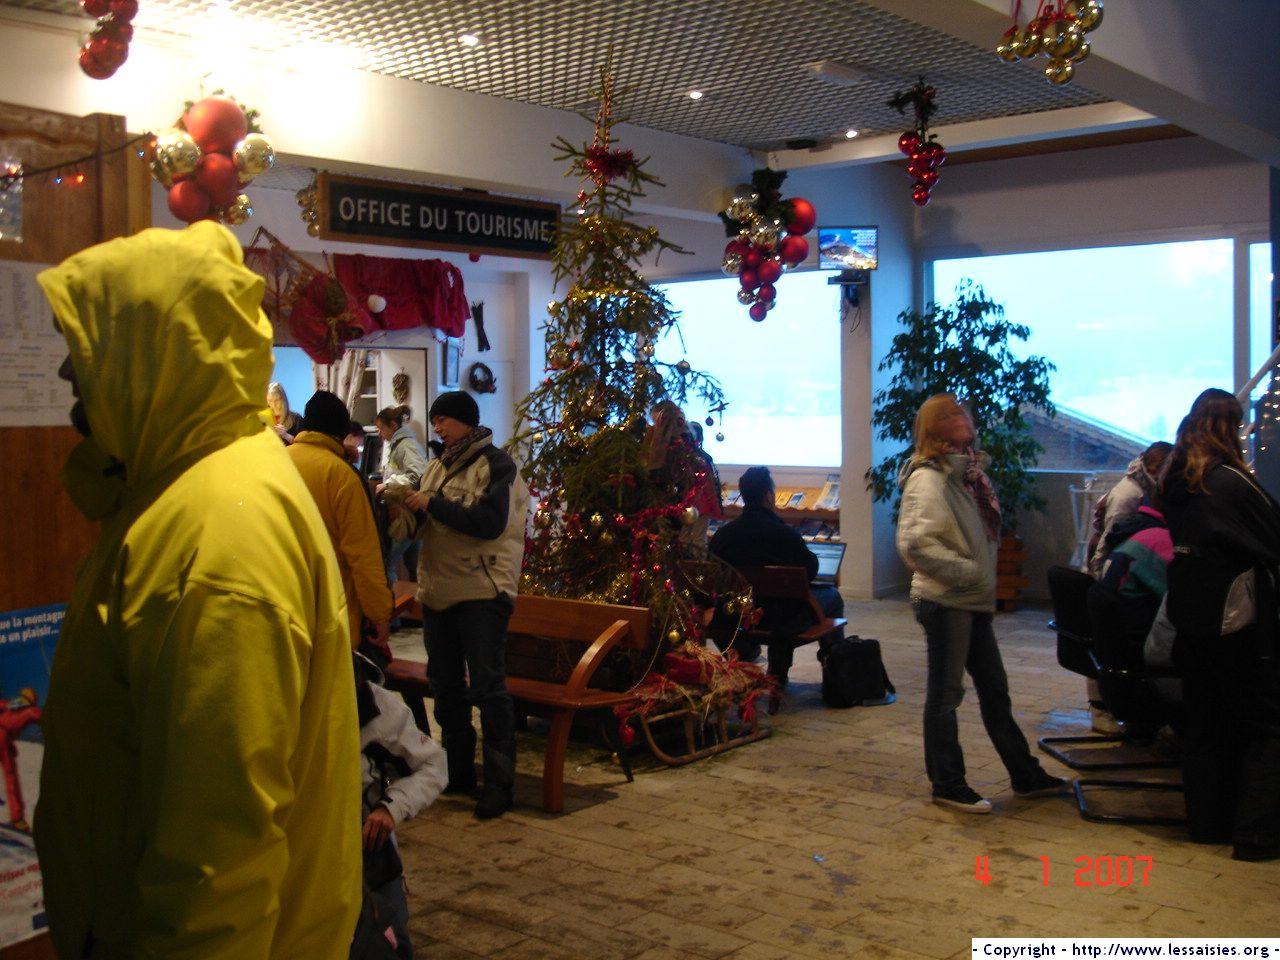 Les saisies station de ski savoie france archives photos - Office de tourisme les saisies ...